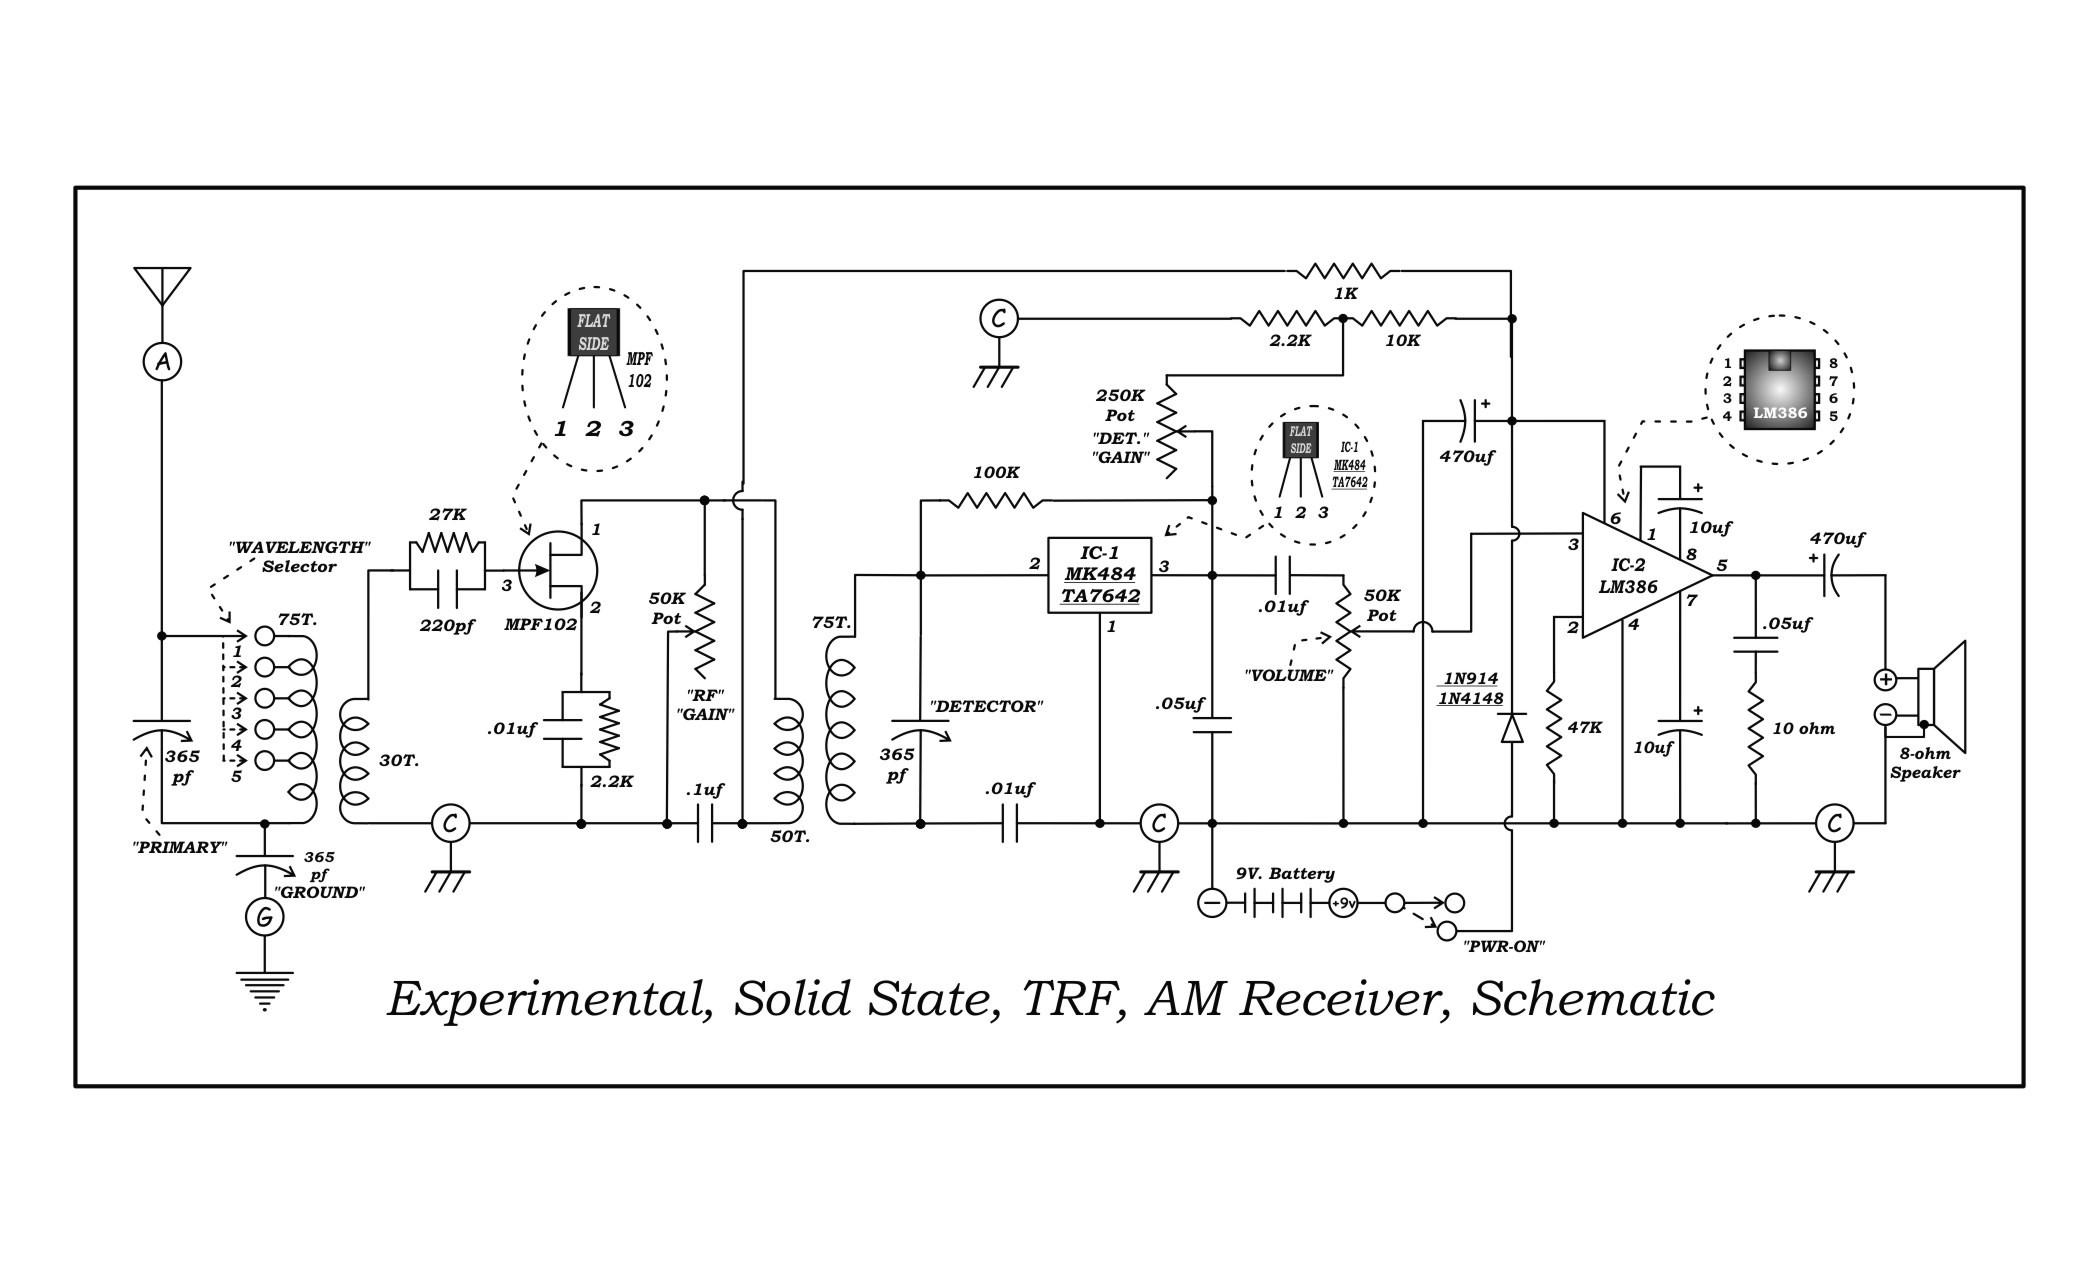 Volume Knob Wiring Diagram Get Free Image About Wiring Diagram